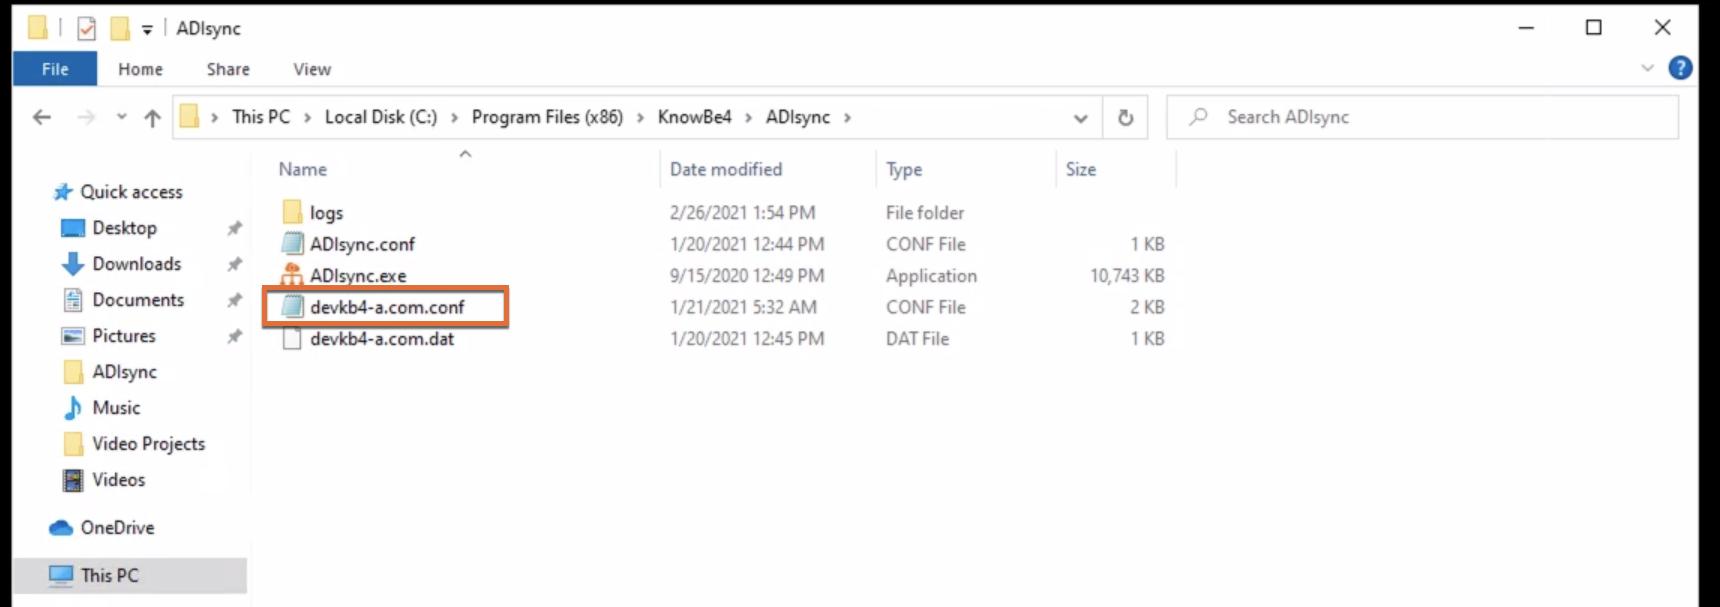 O diretório de instalação da ferramenta de sincronização da ADI com o arquivo domain.conf realçado